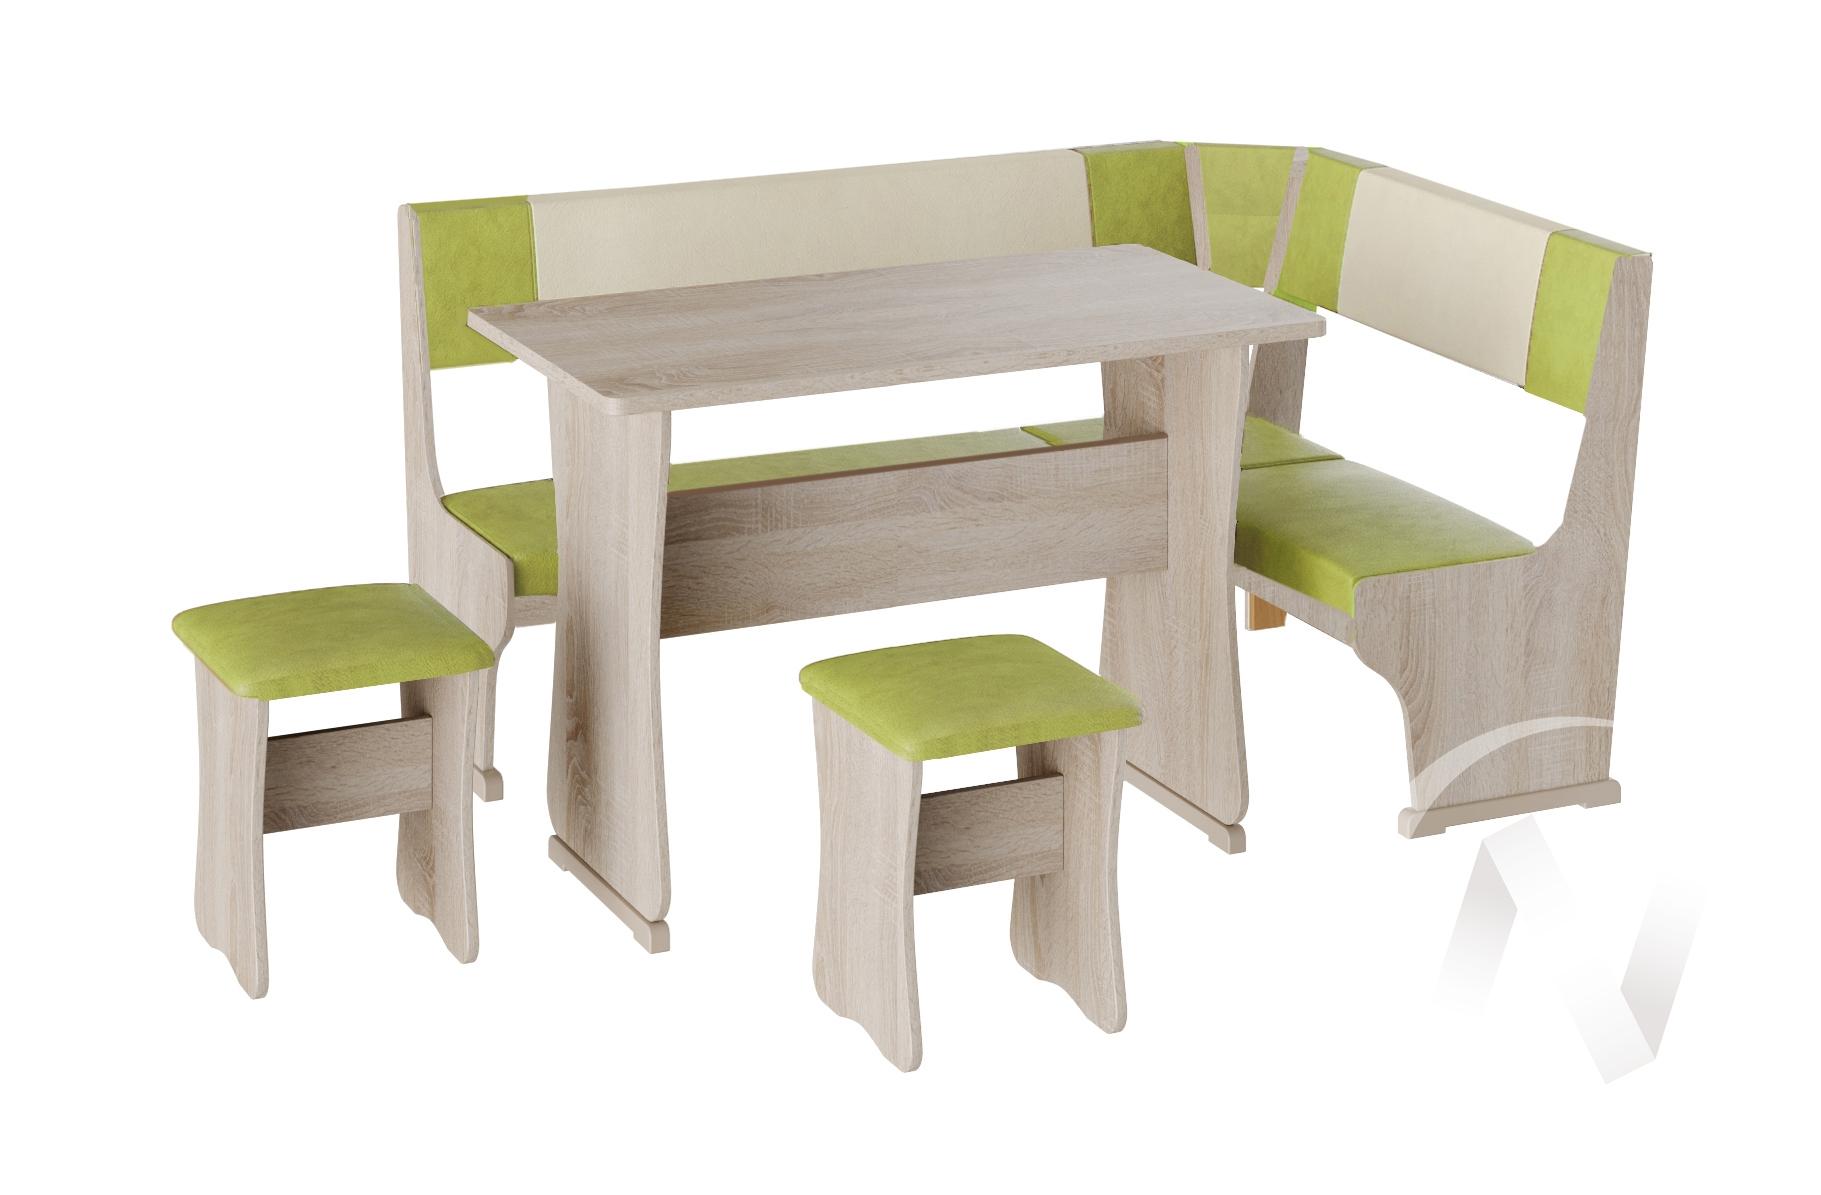 Кухонный уголок Гамма тип 1 кожзам (дуб сонома/фисташка,бежевый)  в Томске — интернет магазин МИРА-мебель